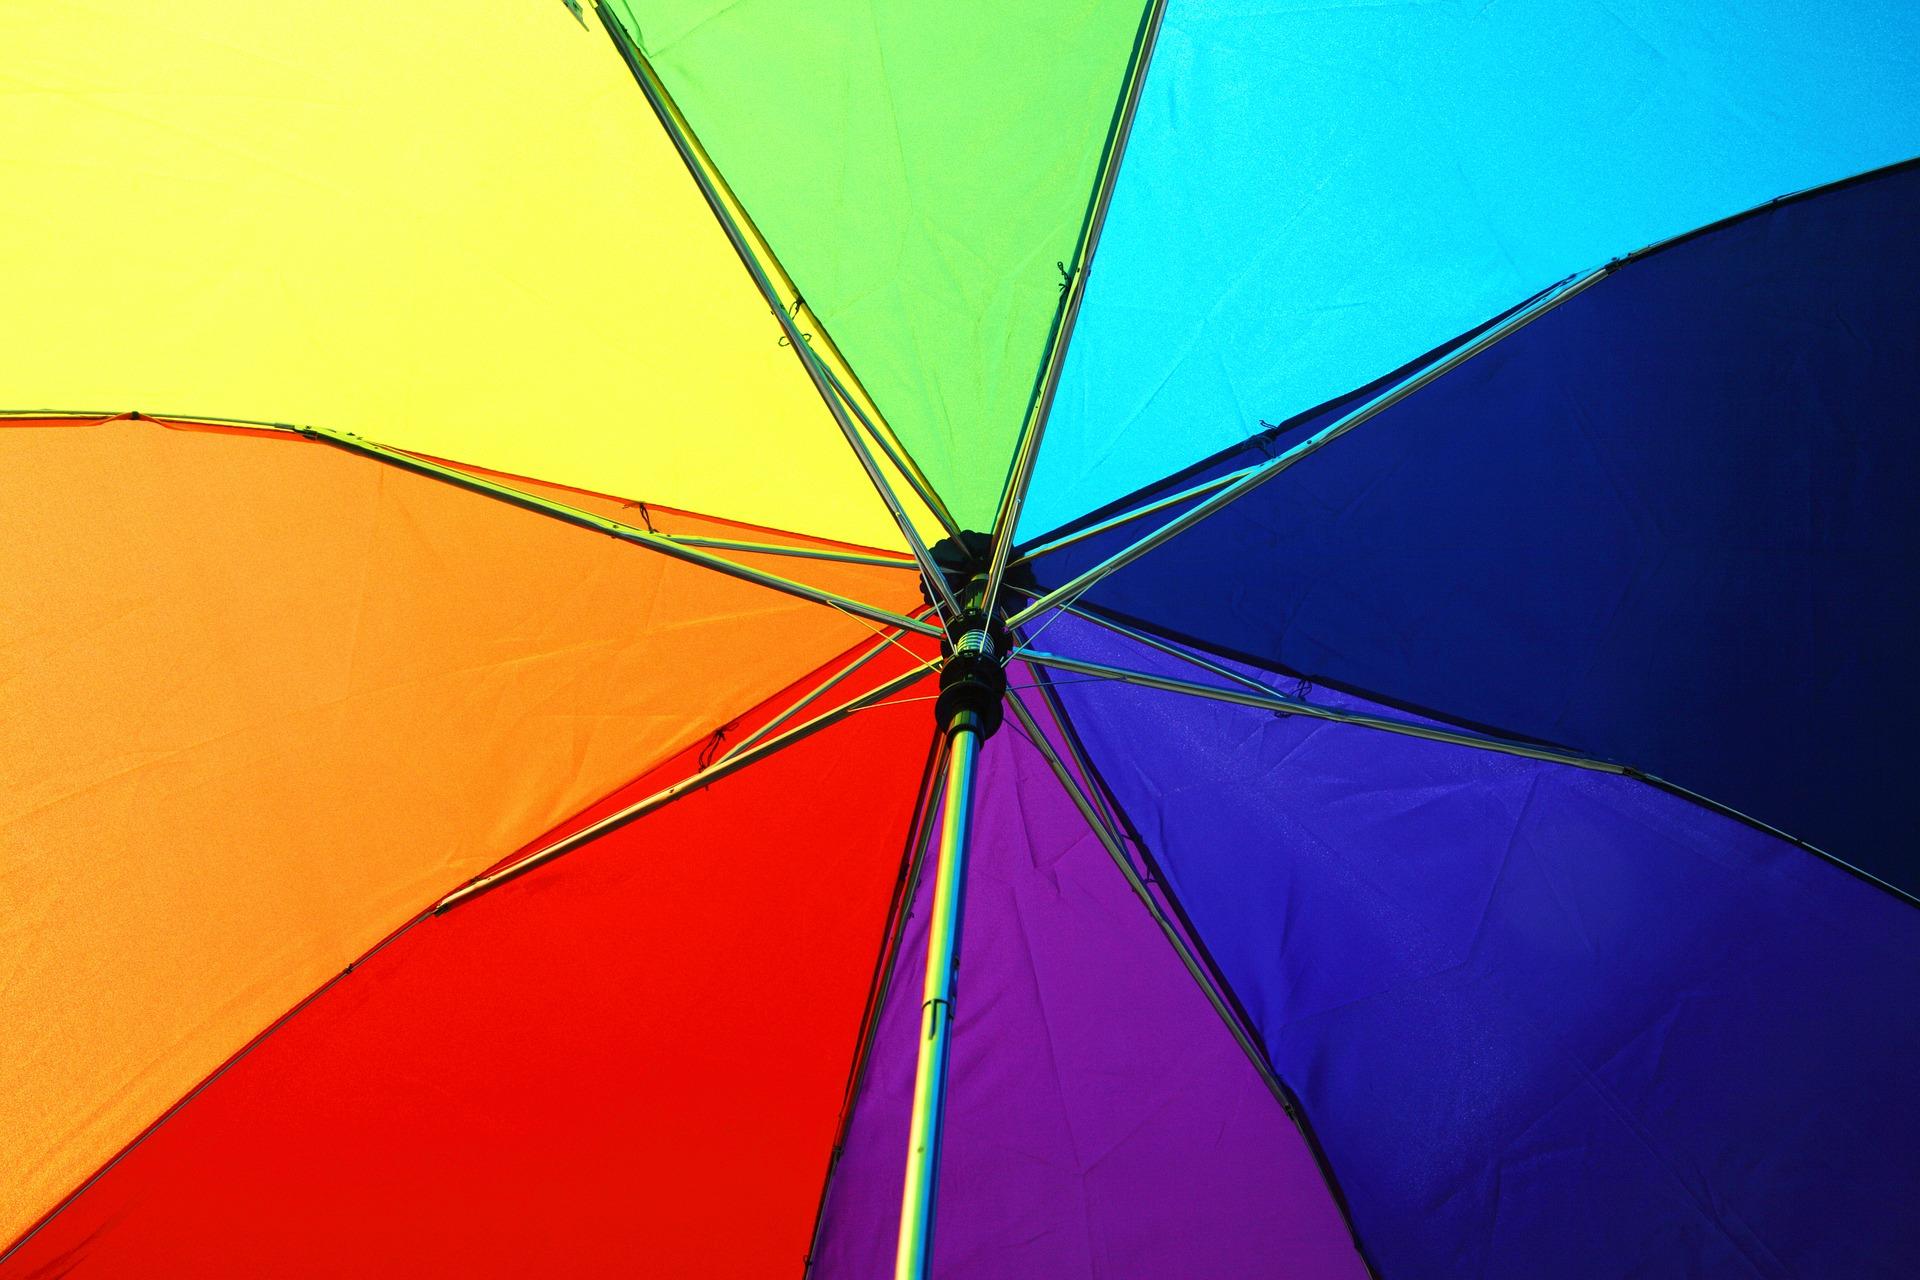 Journée des coming-out: des témoignages d'ici, remplis de force et d'espoir